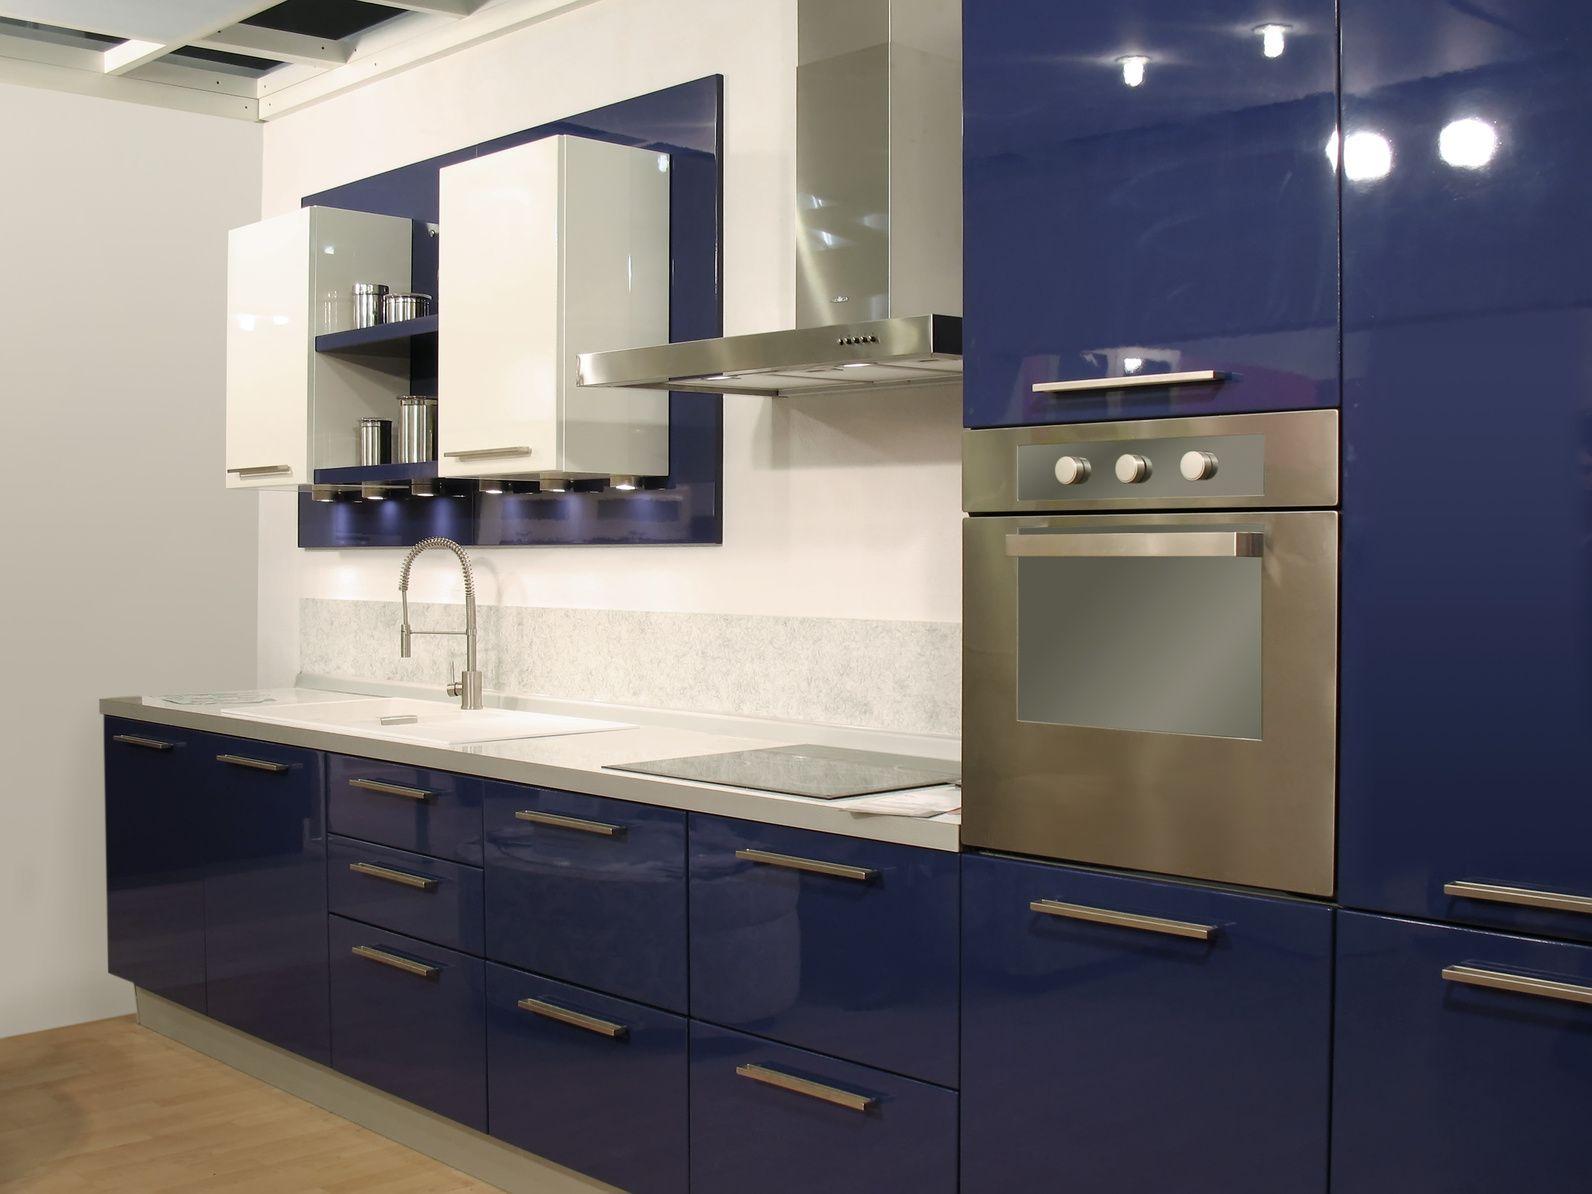 einzeilige edelstahlk che mit blauen fronten edelstahlk chen pinterest edelstahlk chen. Black Bedroom Furniture Sets. Home Design Ideas